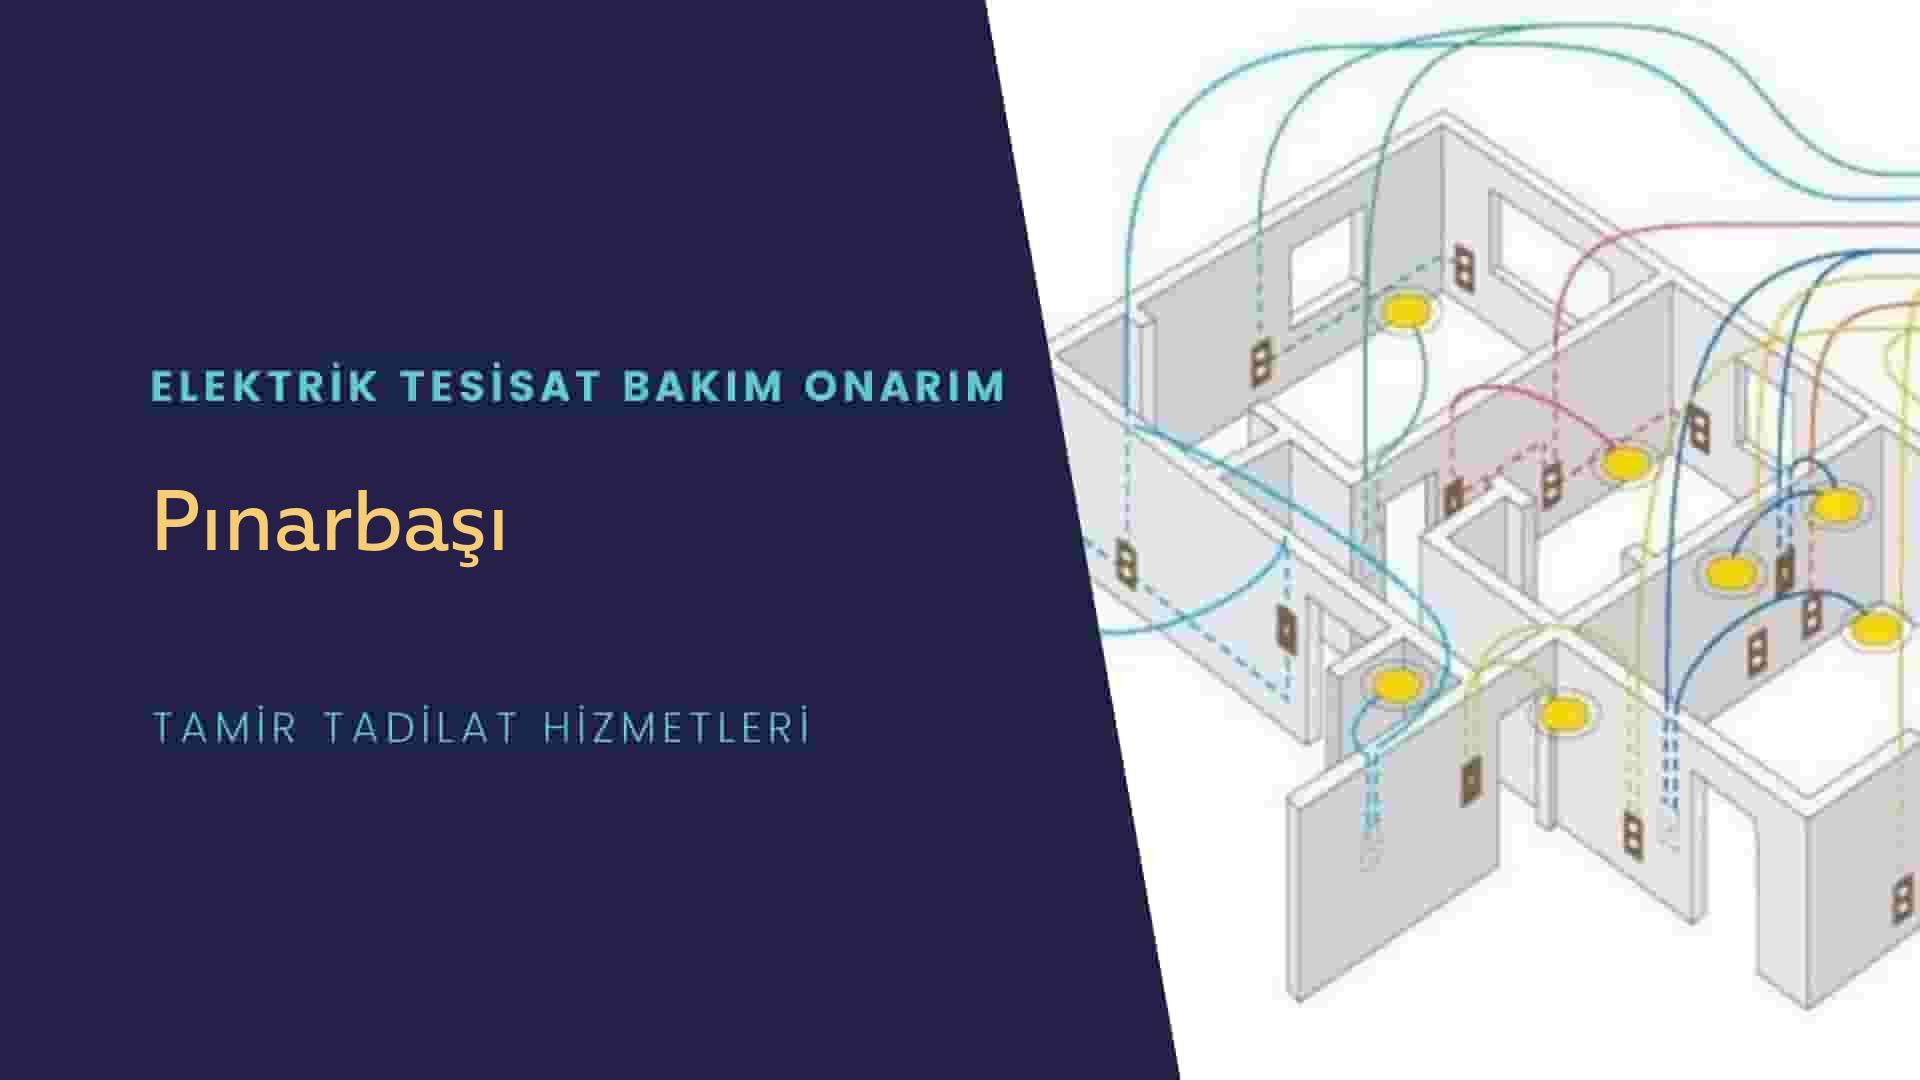 Pınarbaşı'nda elektrik tesisatıustalarımı arıyorsunuz doğru adrestenizi Pınarbaşı elektrik tesisatı ustalarımız 7/24 sizlere hizmet vermekten mutluluk duyar.